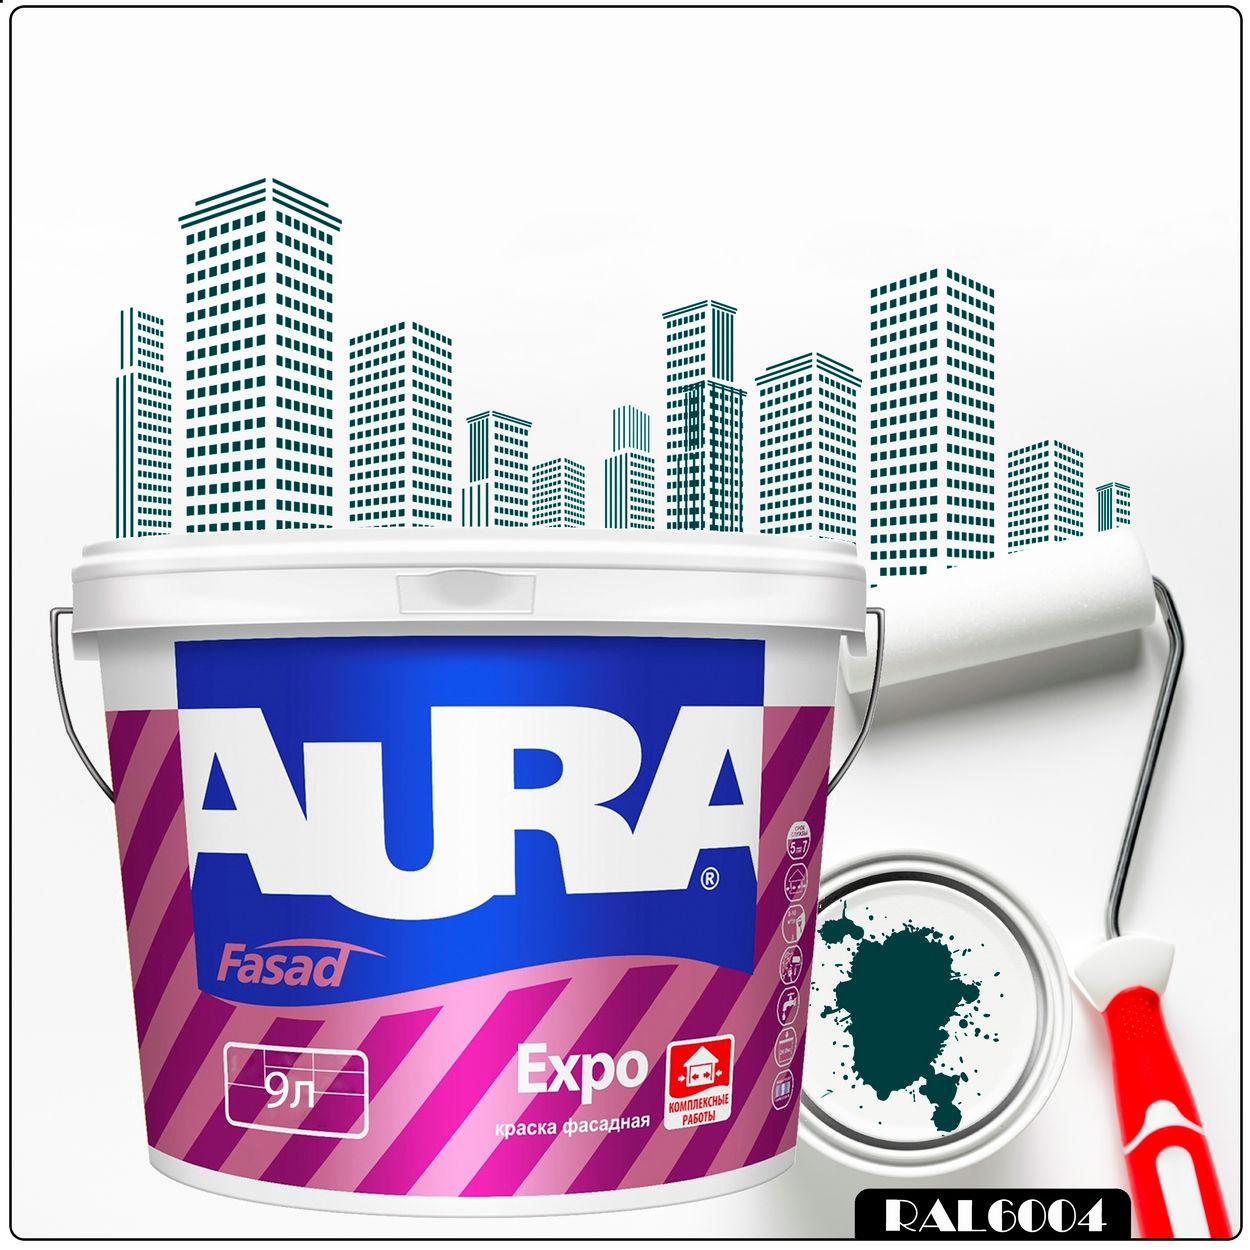 Фото 5 - Краска Aura Fasad Expo, RAL 6004 Сине-зеленый, матовая, для фасадов и помещений с повышенной влажностью, 9л.